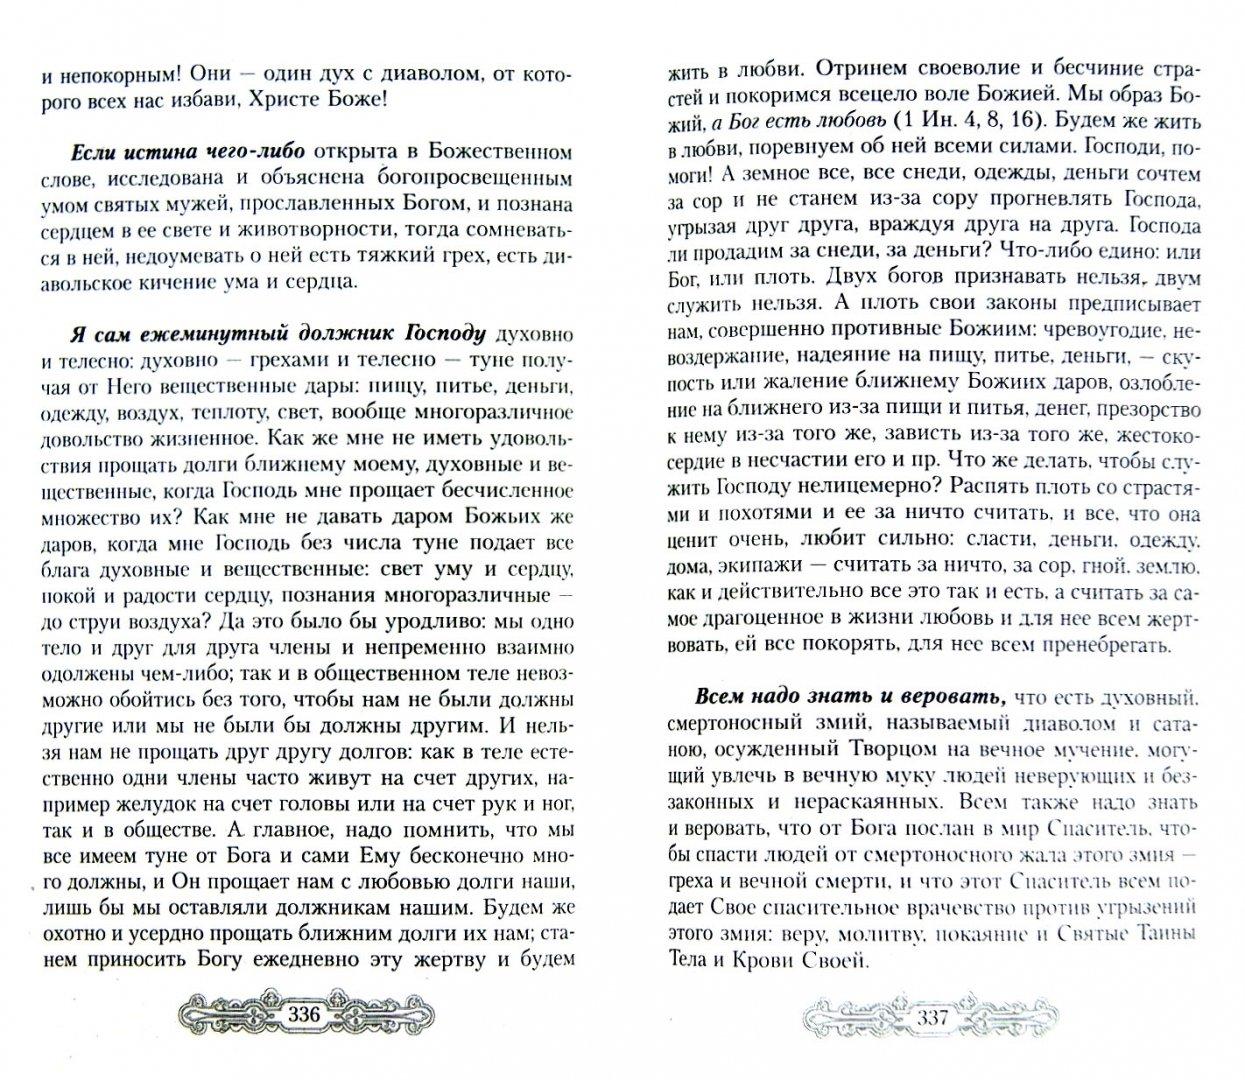 Иллюстрация 1 из 5 для Моя жизнь во Христе. Извлечение из дневника - Святой праведный Иоанн Кронштадтский | Лабиринт - книги. Источник: Лабиринт